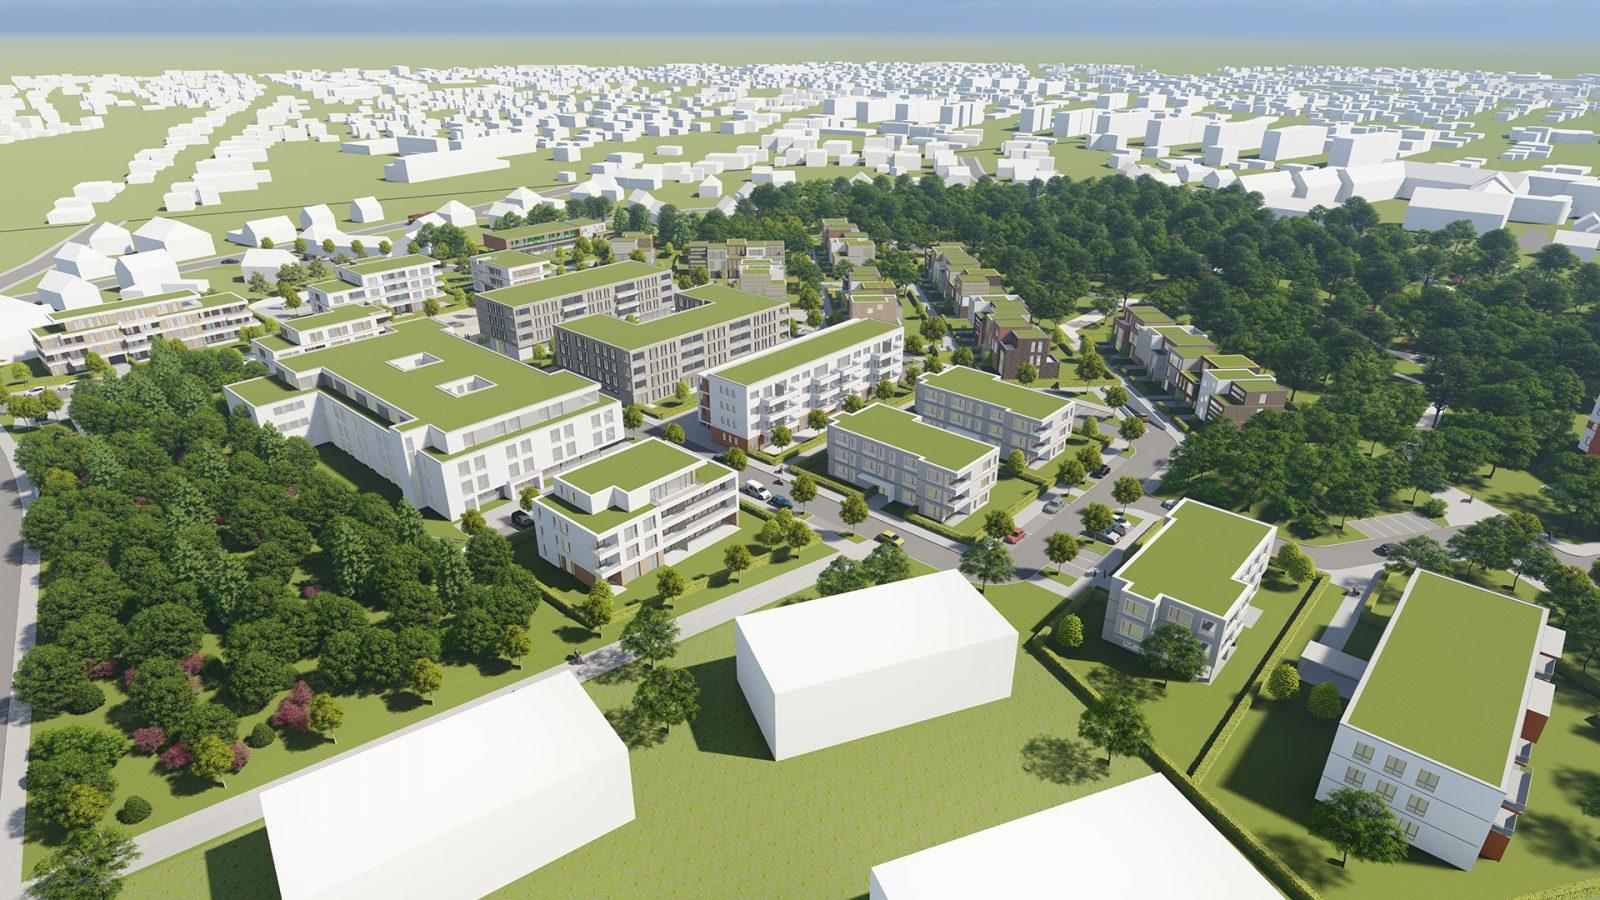 städtebauliche Studie in Gifhorn | JUNG - Architekturbüro, Innenarchitekturbüro Hildesheim